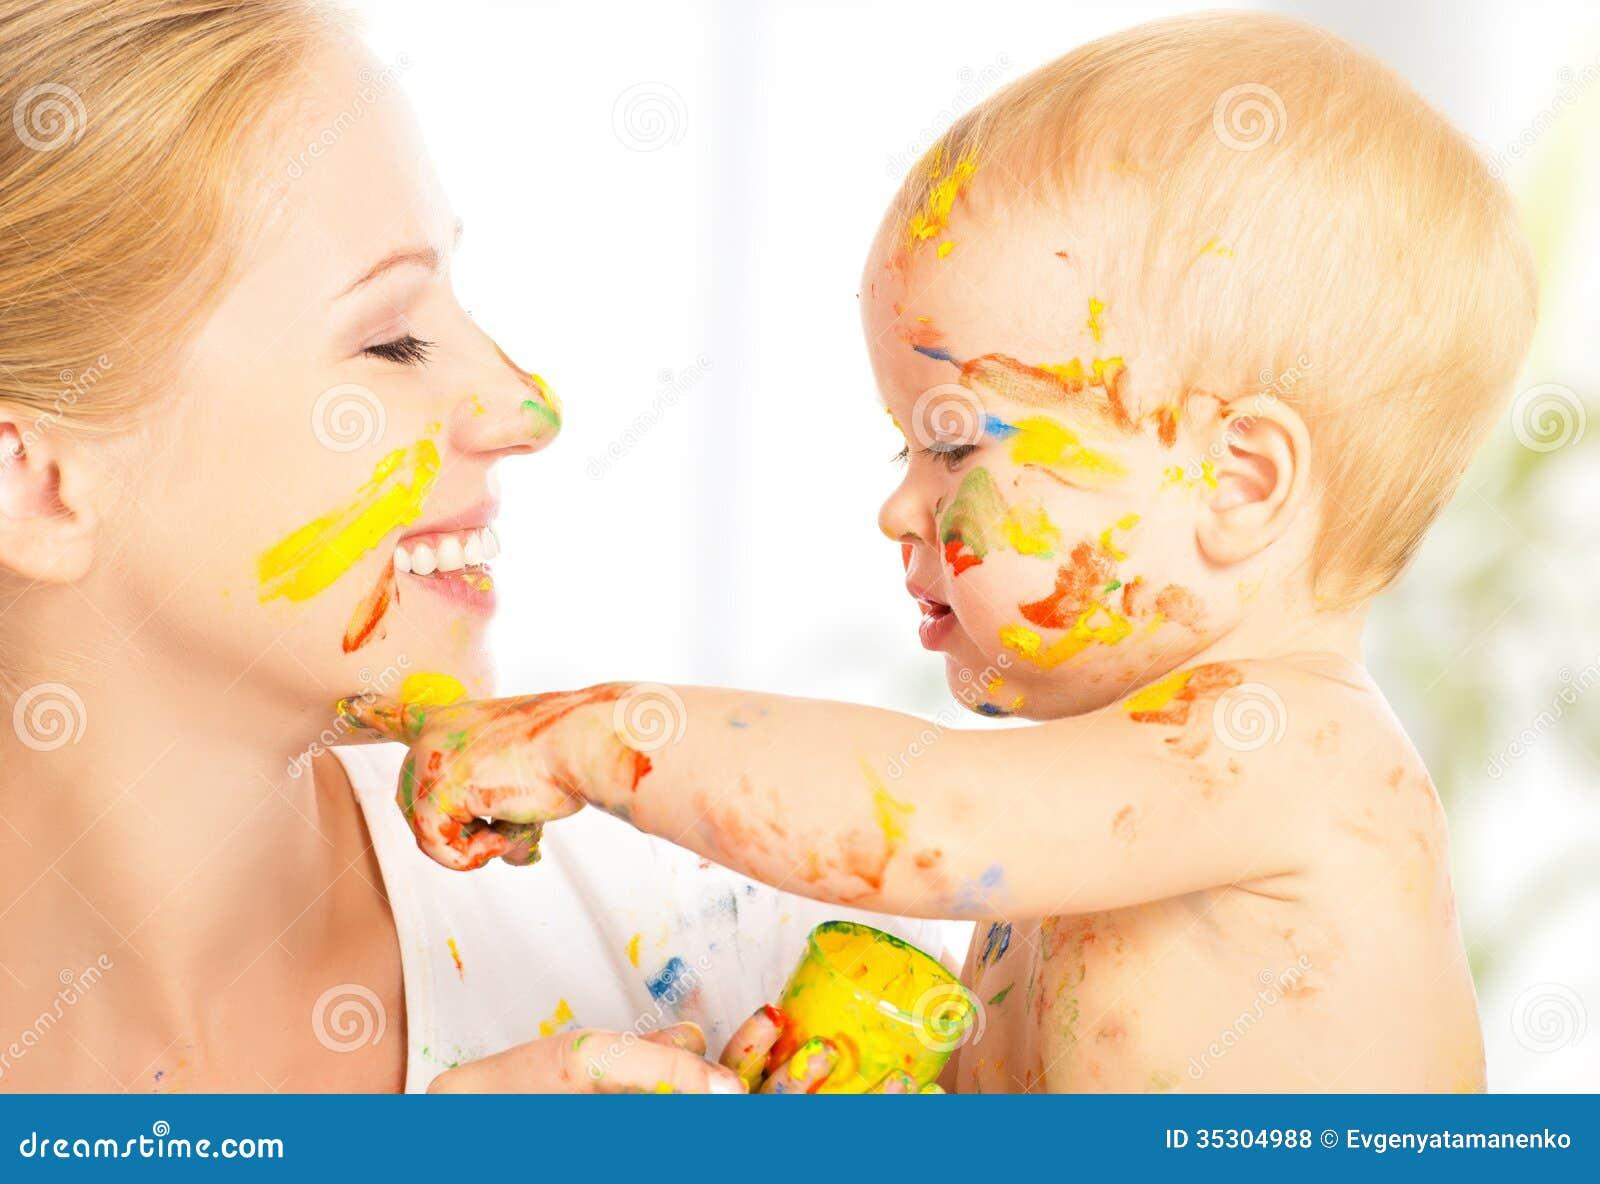 Glückliches schmutziges Baby zeichnet Farben auf ihrem Gesicht der Mutter